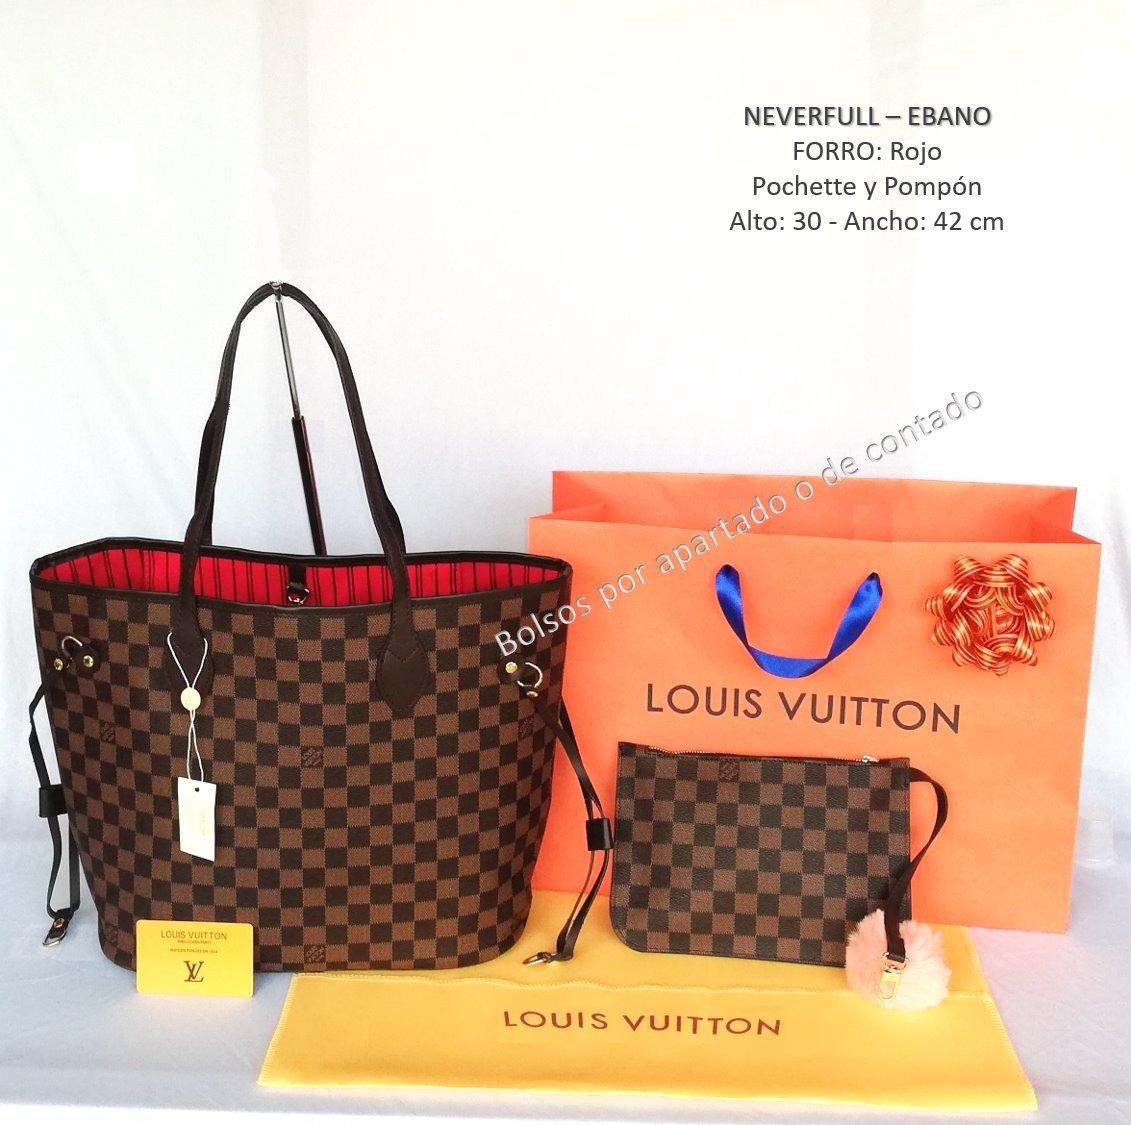 b61128c26 Bolso Louis Neverfull Ebano Damier Azur Domino - $ 1,280.00 en ...